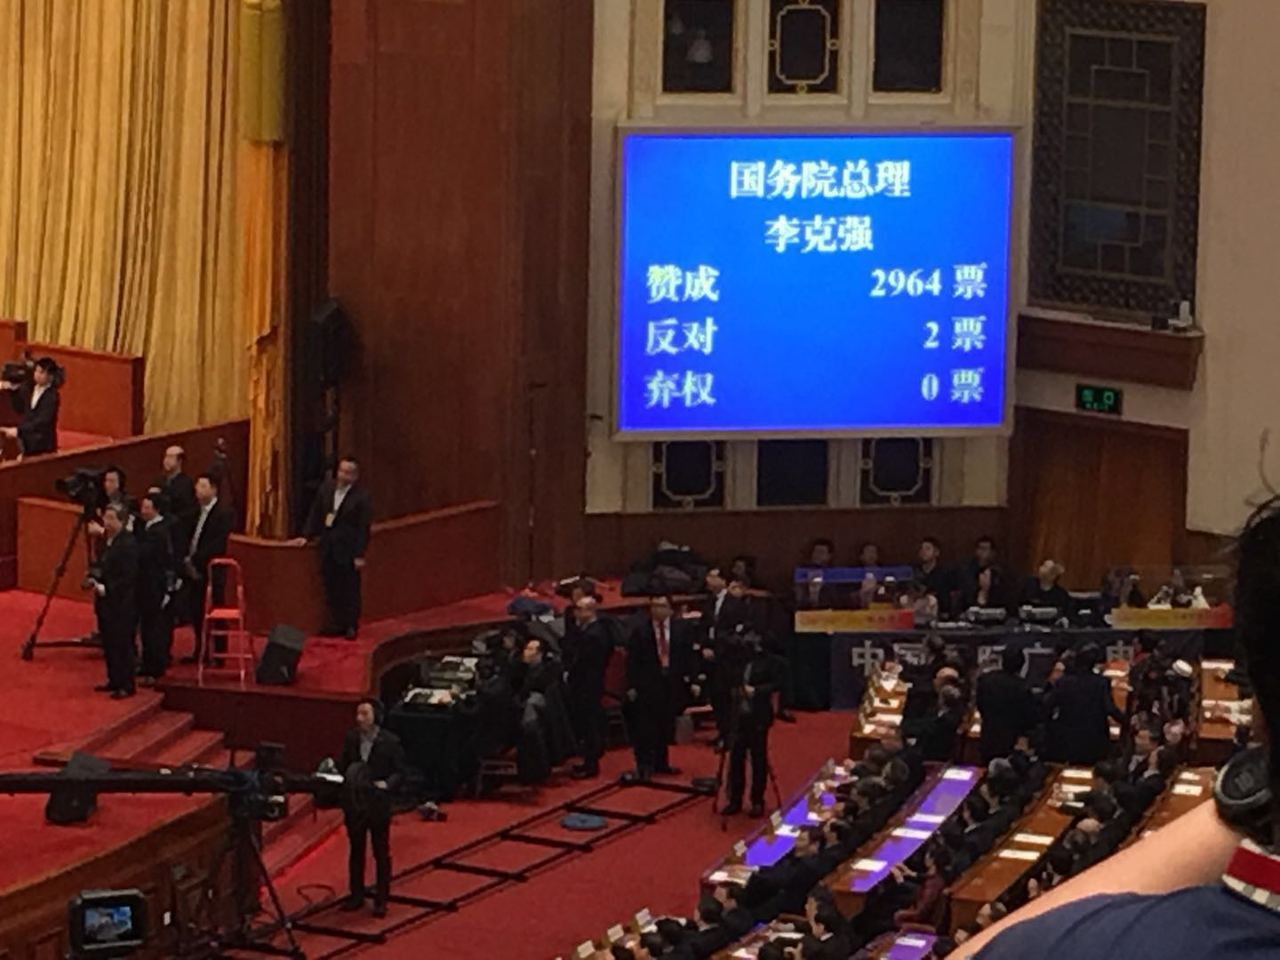 大陸總理李克強續任下屆總理。經全體人大代表投票,李克強獲得2964票支持、2票反...